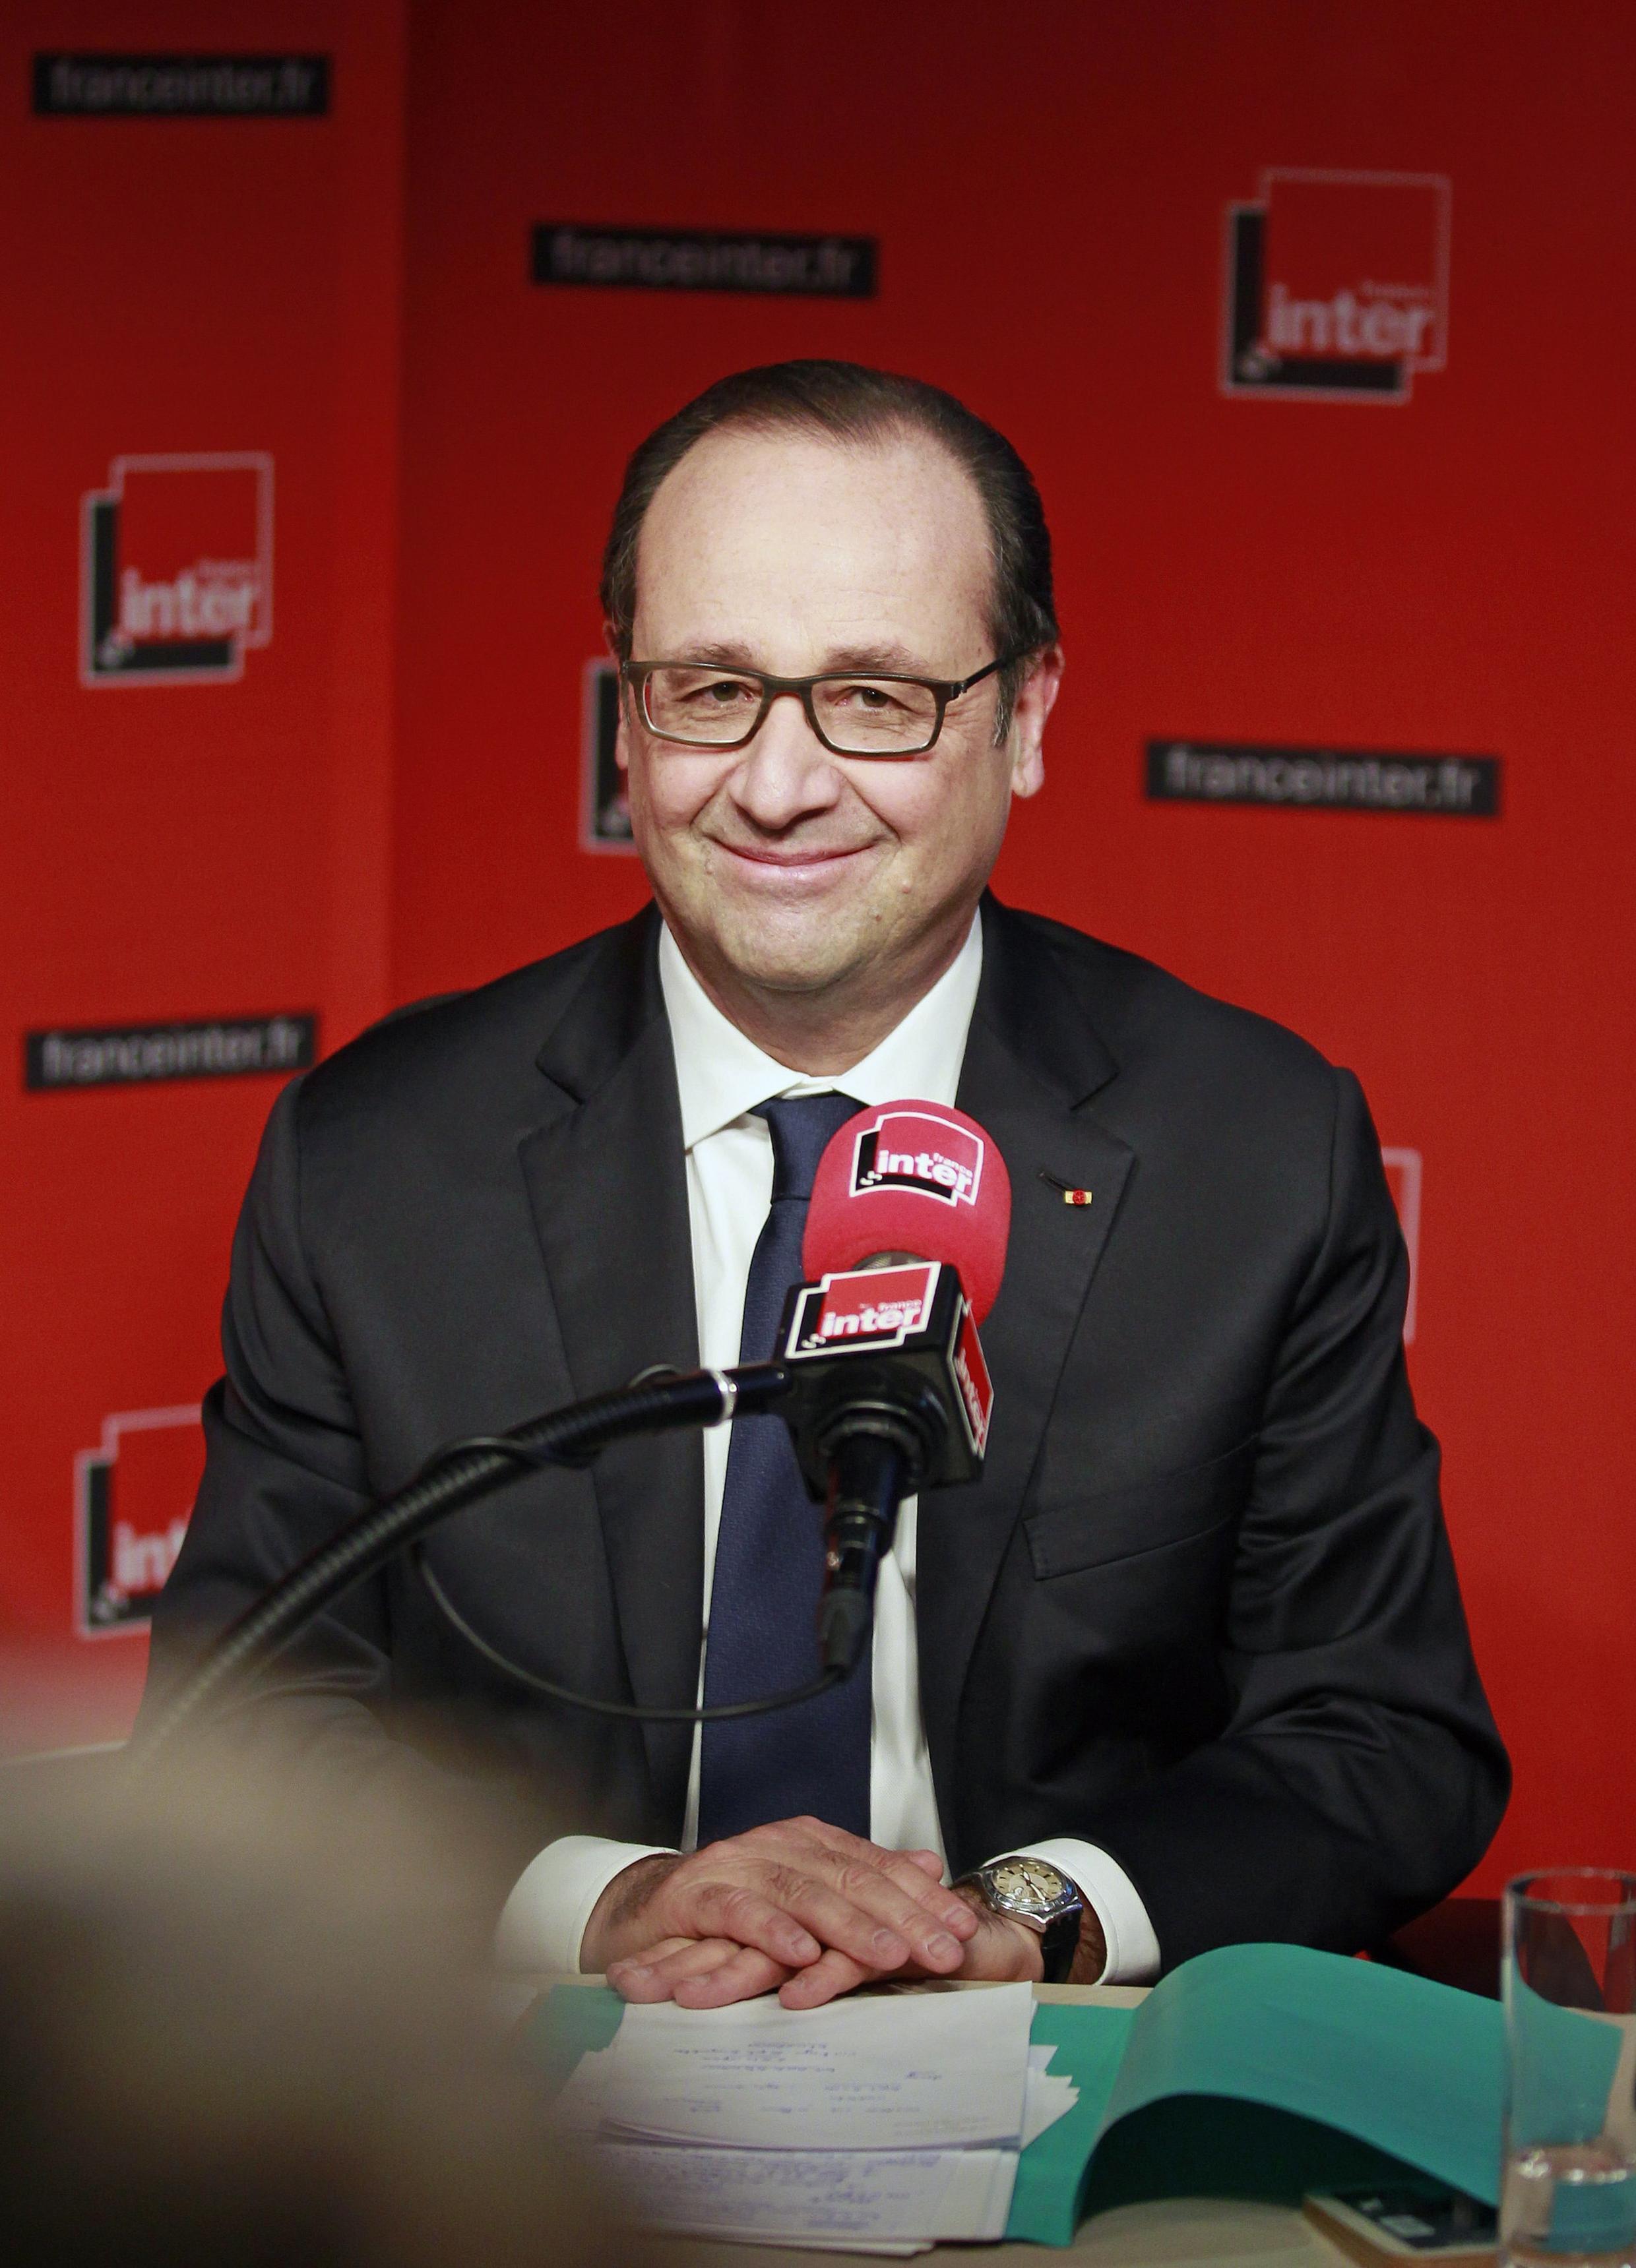 Президент Франции Франсуа Олланд побывал в гостях у радиостанции France Inter.